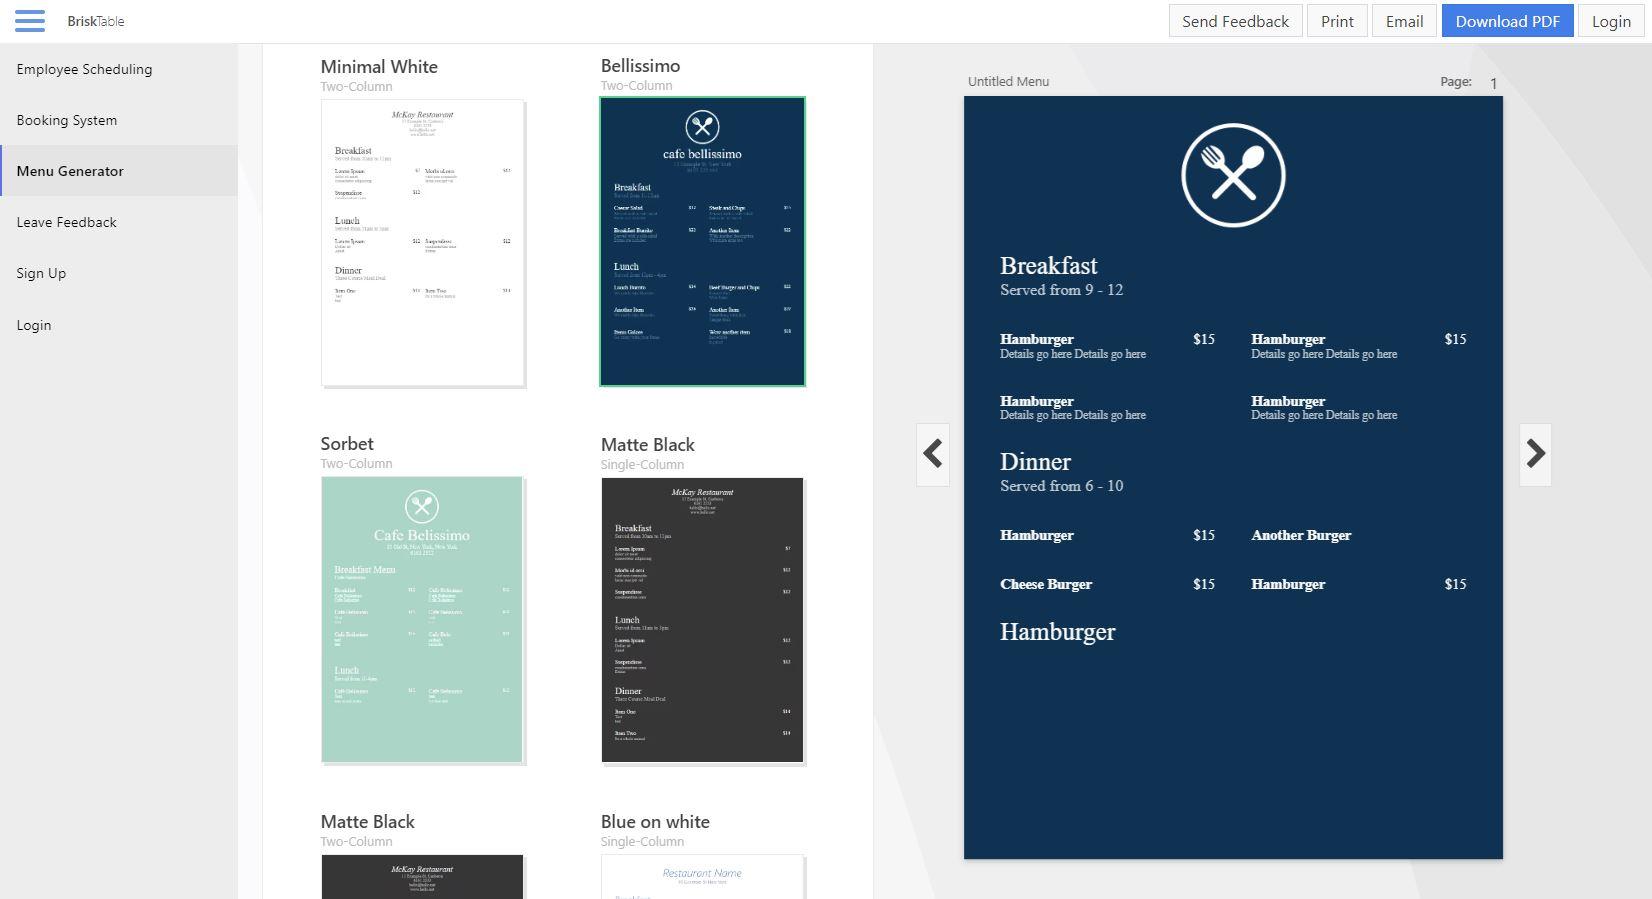 Express Menu Restaurant Maker Software Screenshot